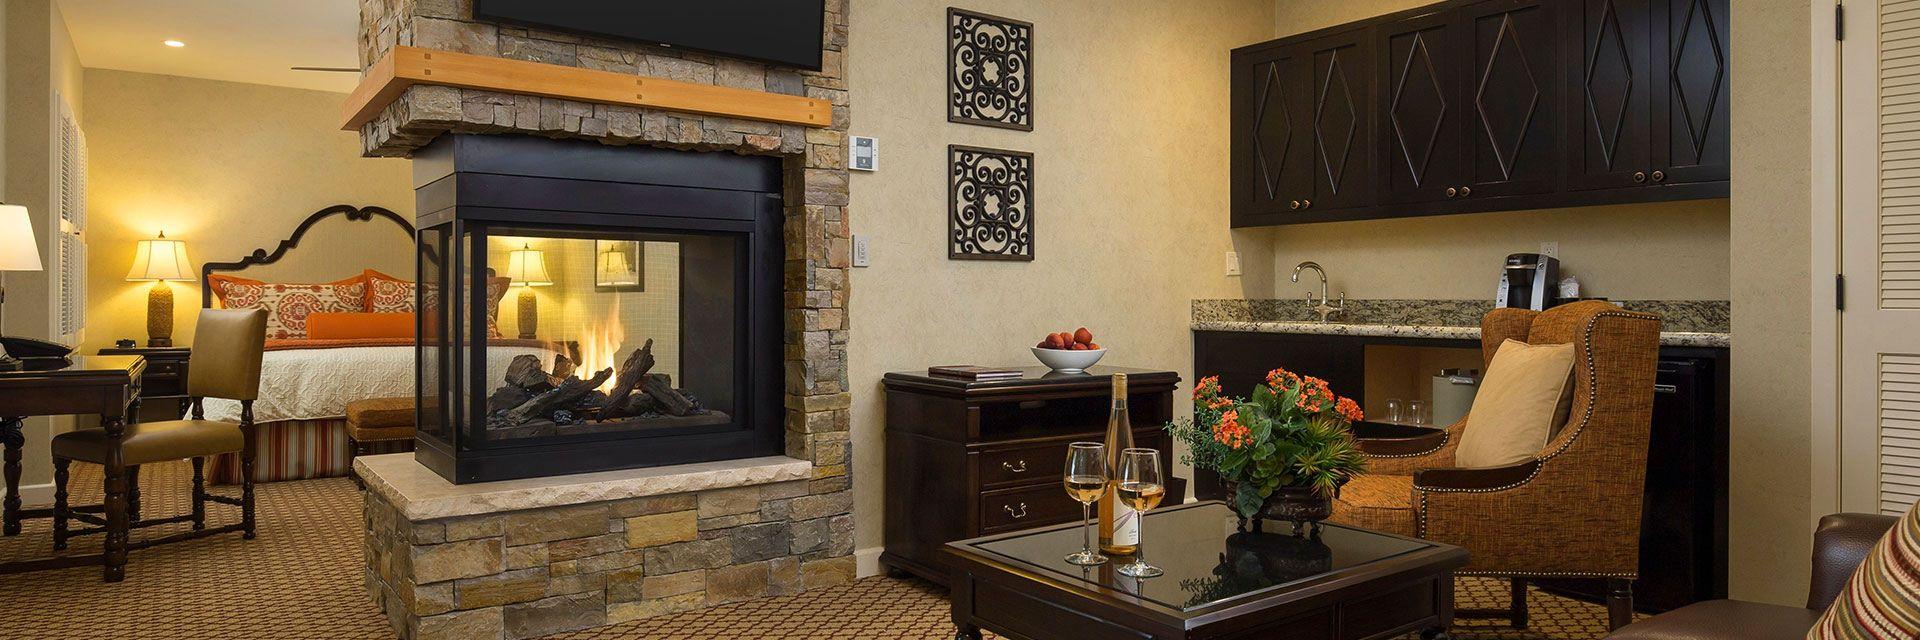 Casa Munras Garden Hotel & Spa, Monterey Innsider Offers